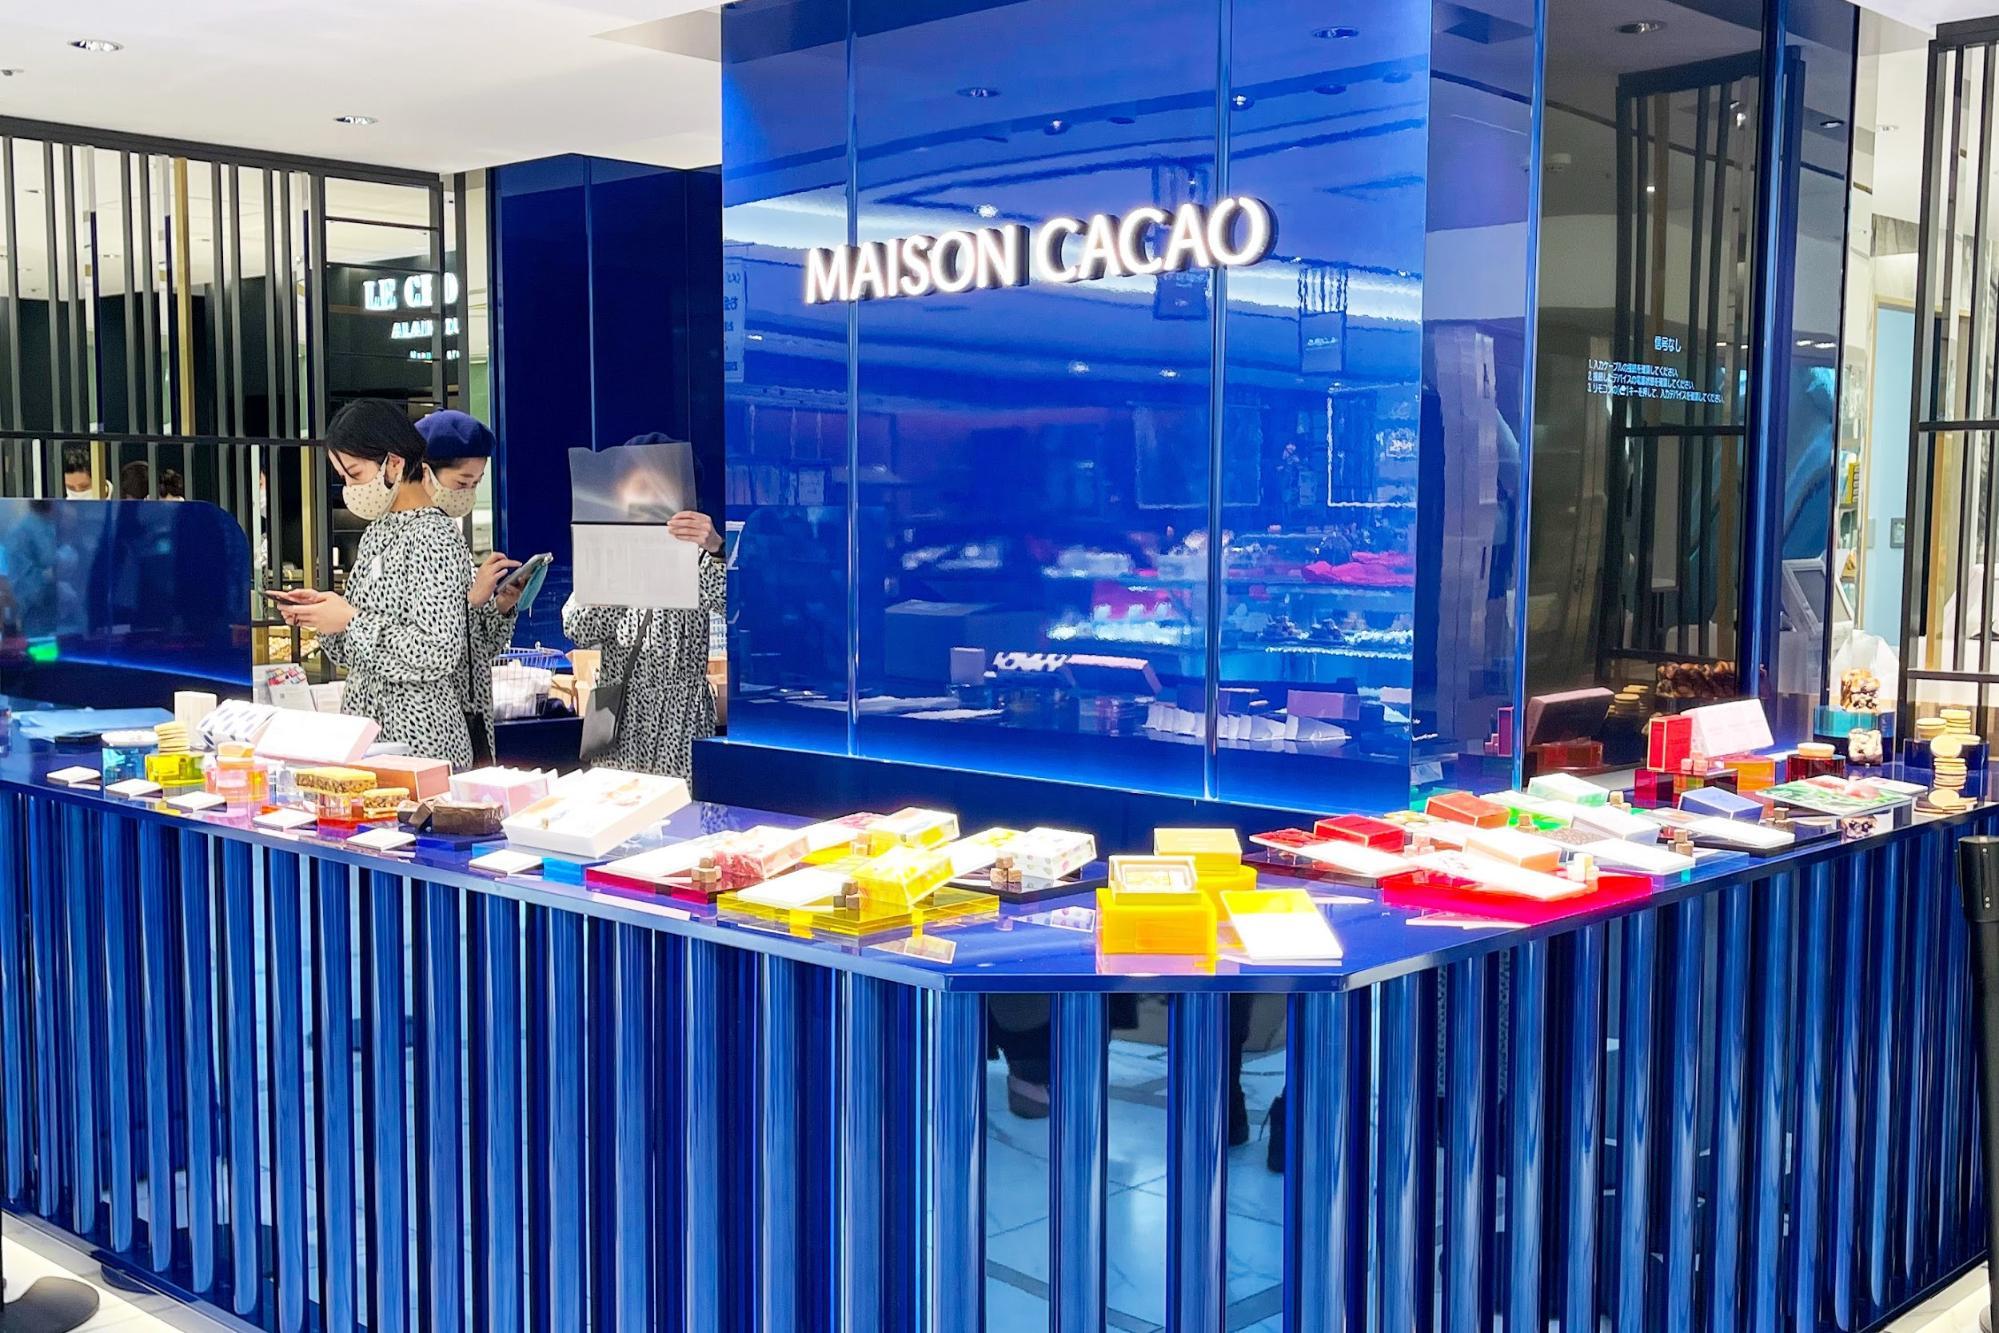 名古屋タカシマヤ地下に「メゾンカカオ(MAISON CACAO)」がオープン!極上の口どけを楽しむ、新作チョコレートスイーツが先行発売 - image3